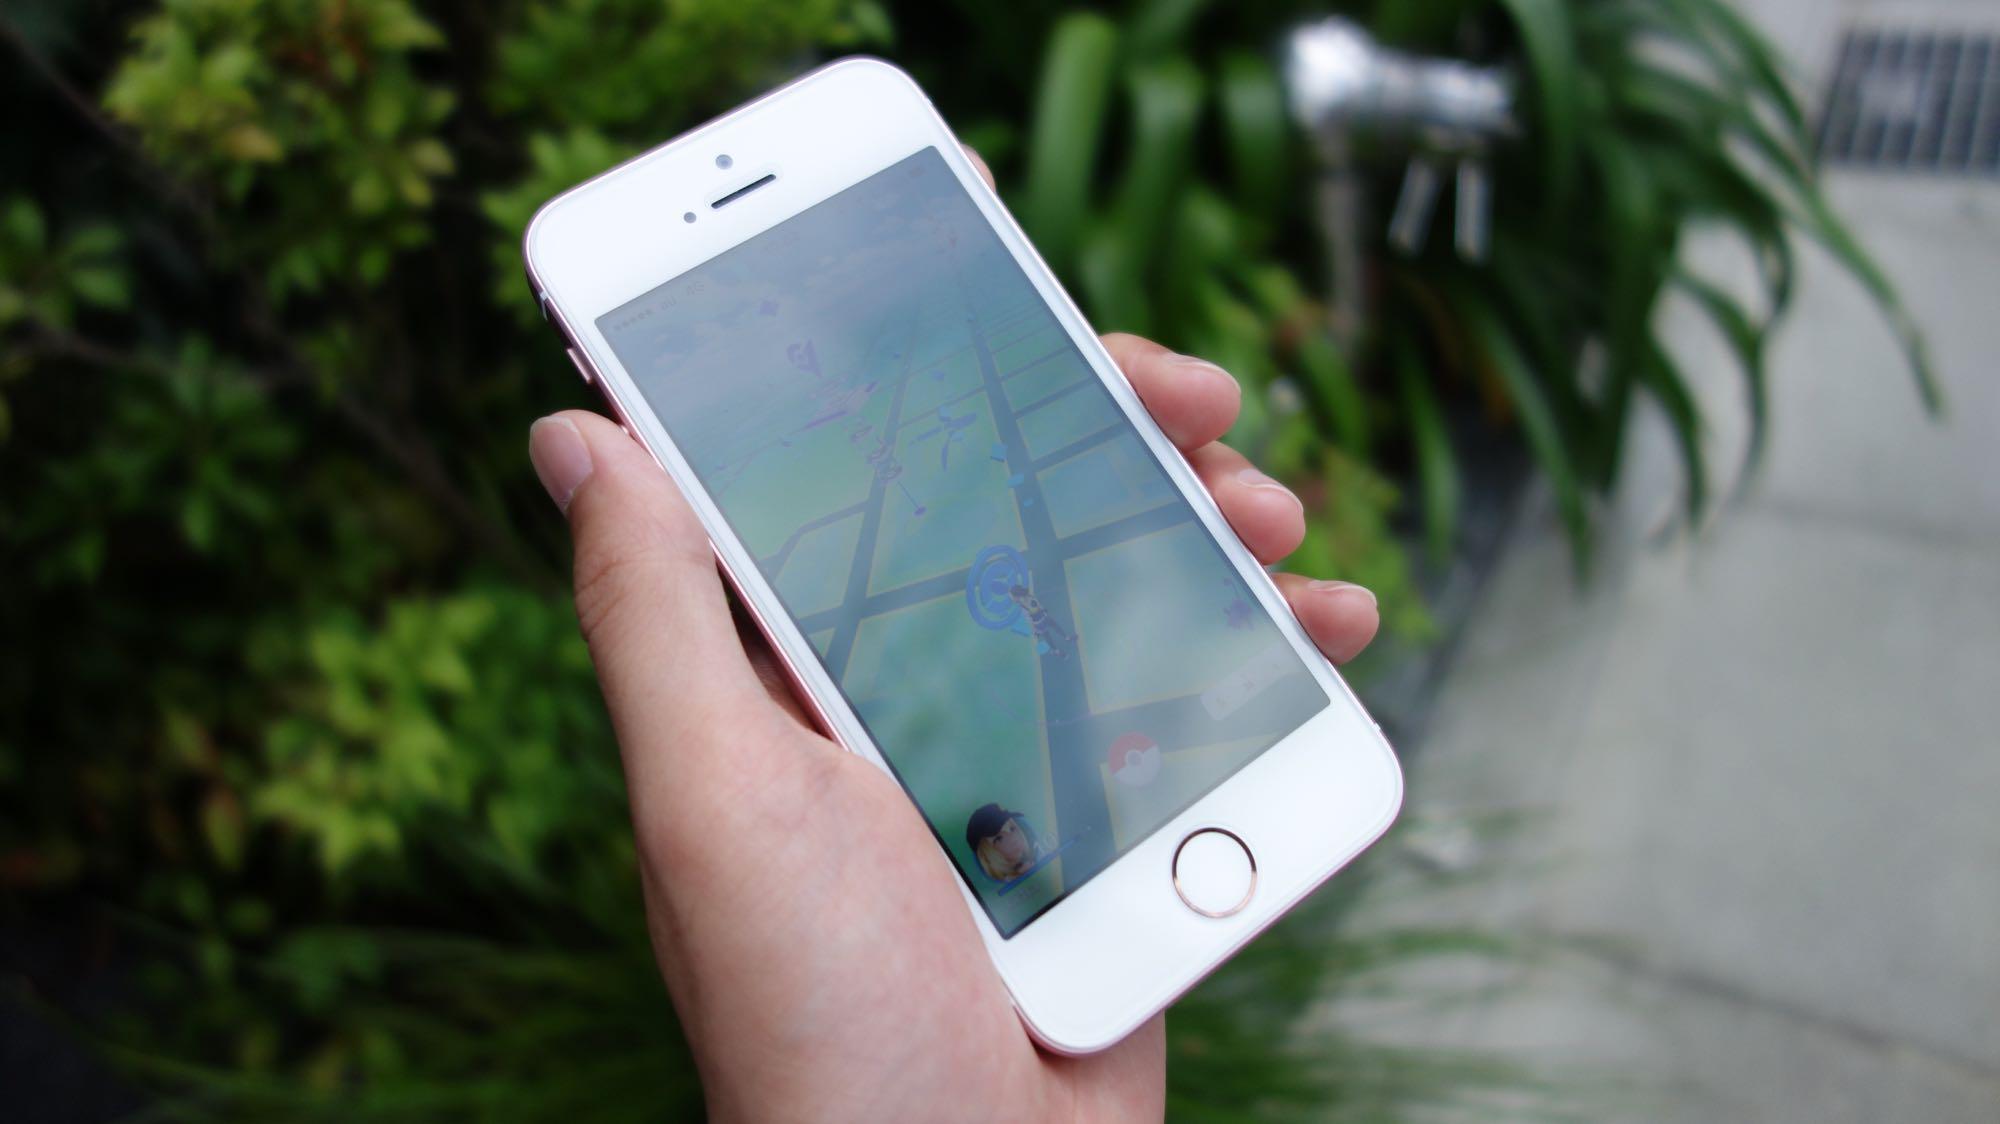 ポケモンgo用に「iphone se」を選ぶべき7つの理由 | ガジェットショット